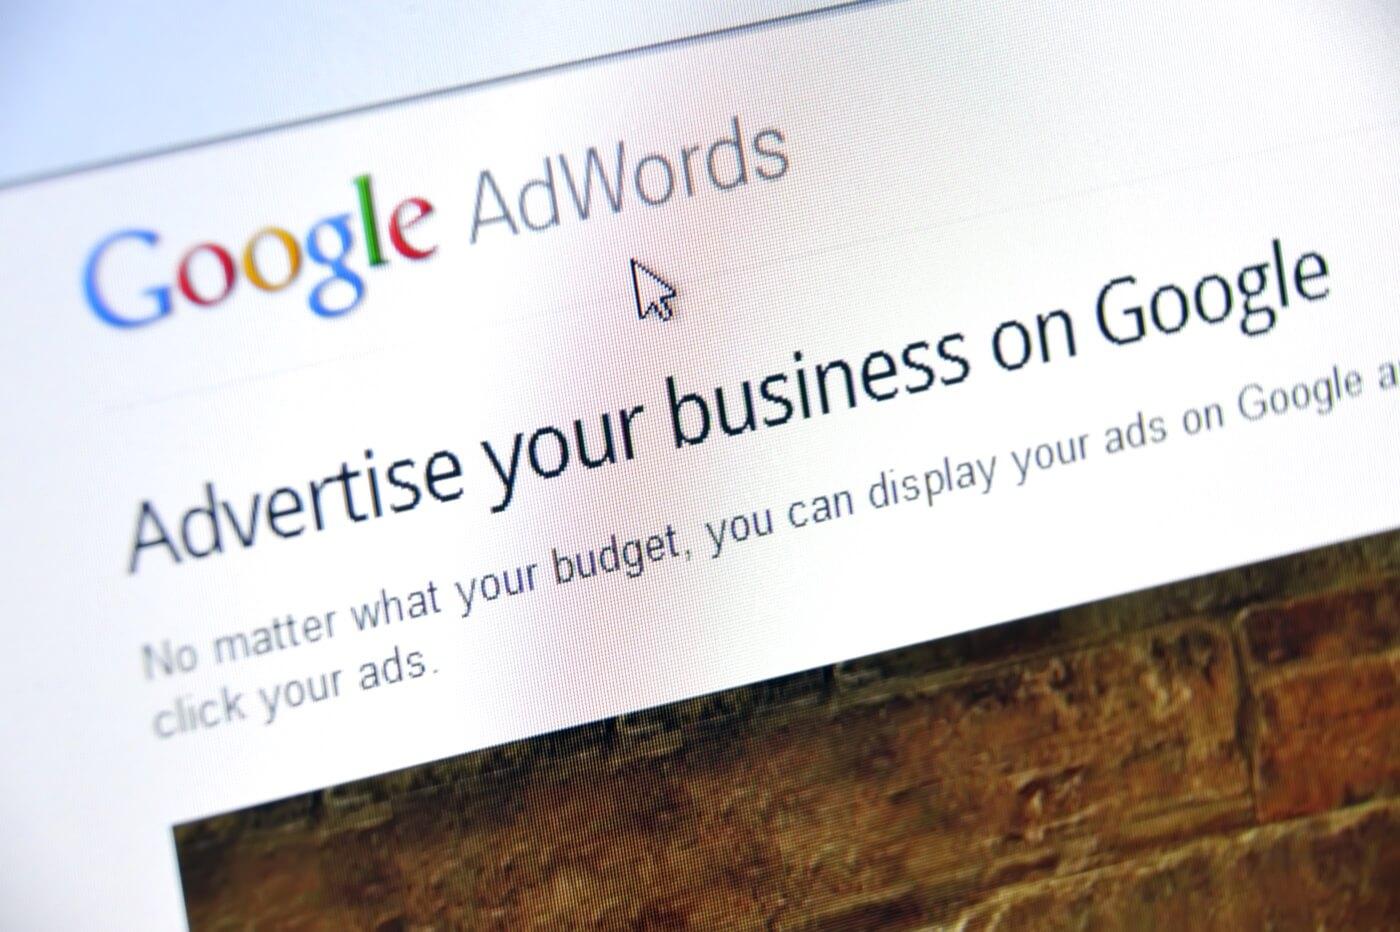 Det er hurtigt at komme i gang med Google Adwords